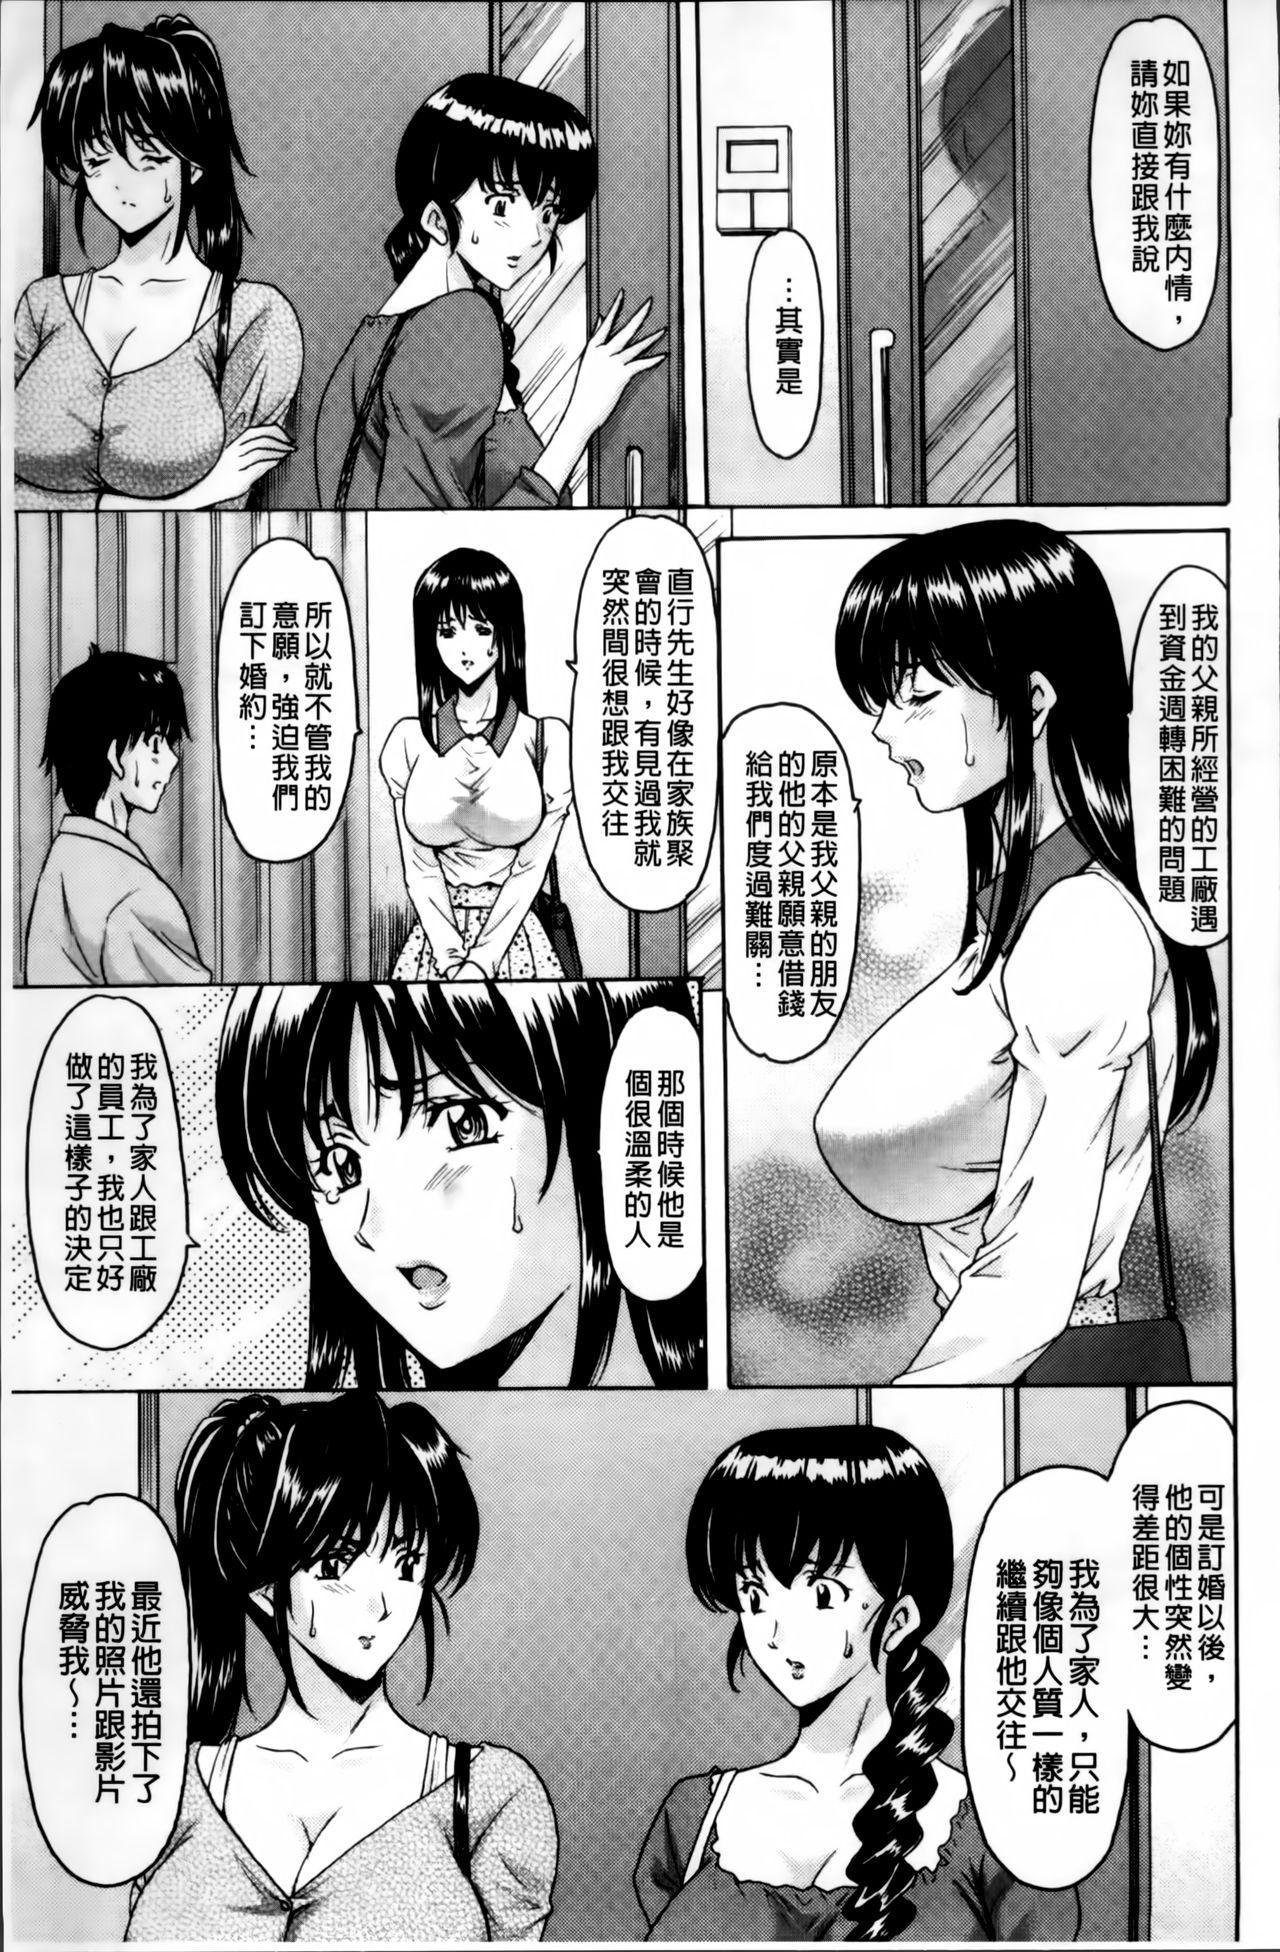 Oshikake Byouin Netorare-ka 149